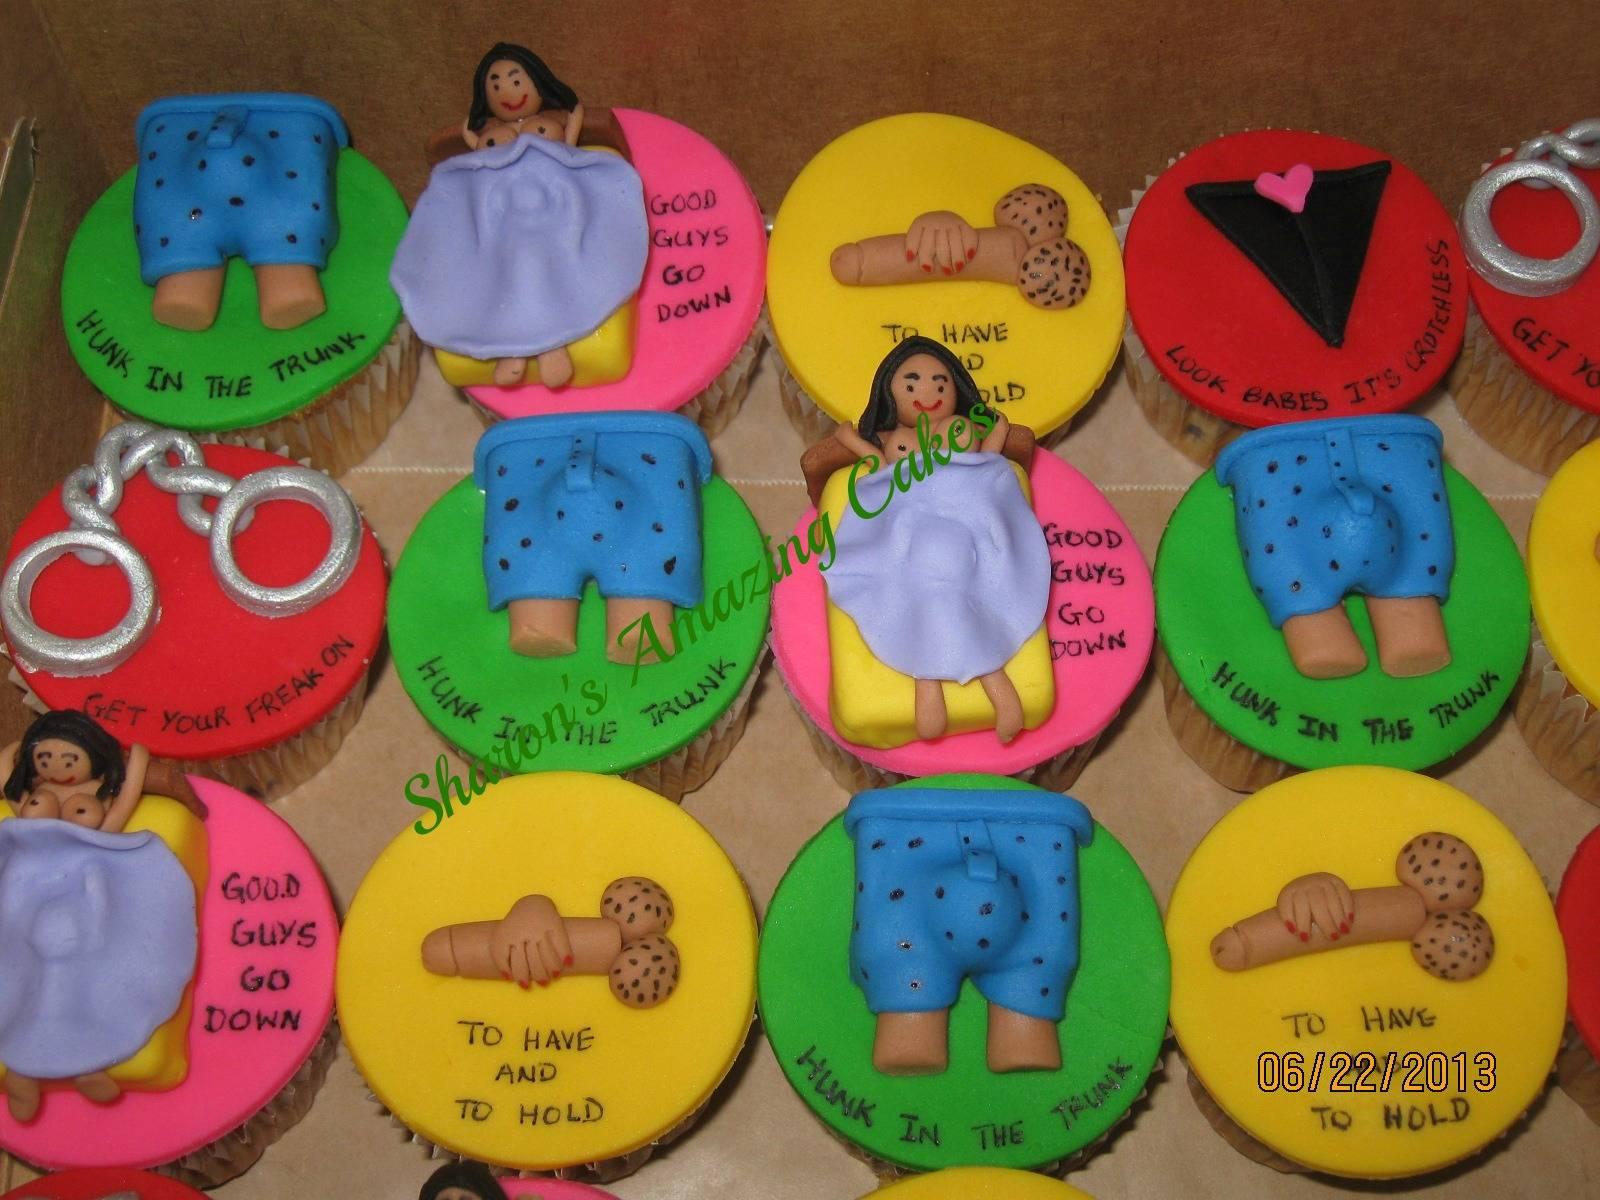 Naughtier Cupcakes